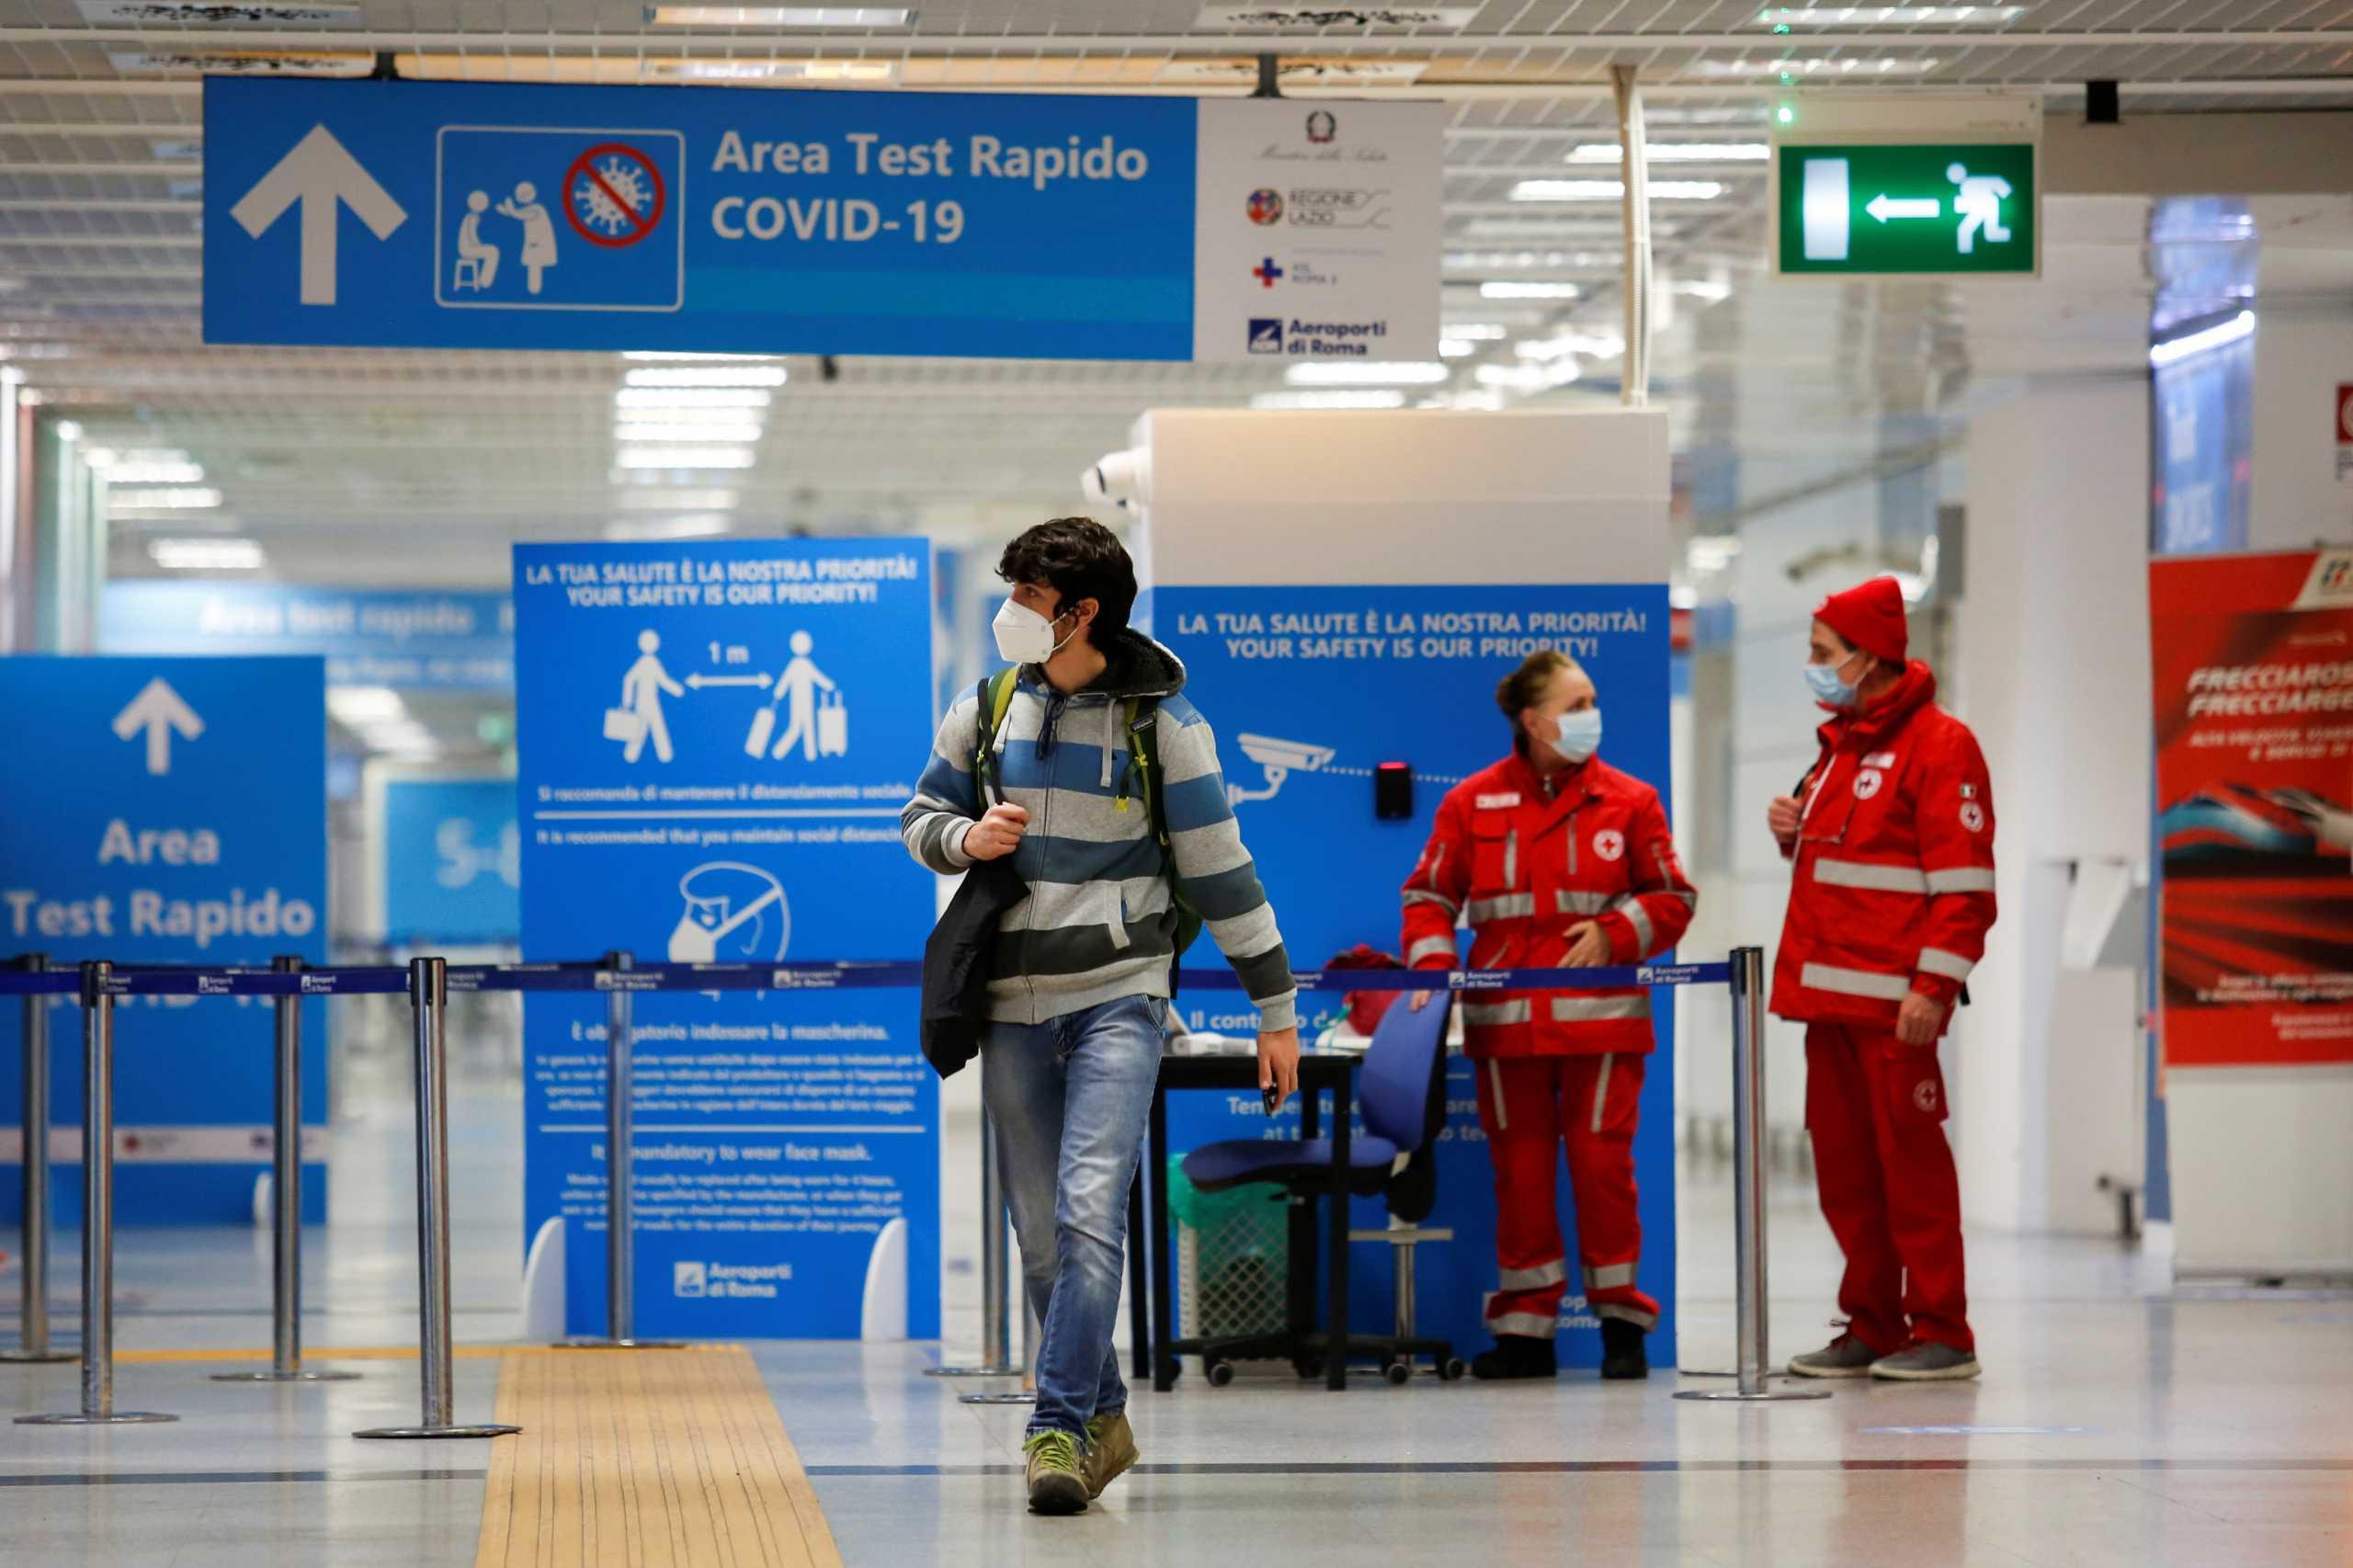 Ιταλία – Κορονοϊός: Αναστολή πτήσεων από τη Βραζιλία για ακόμη δύο εβδομάδες